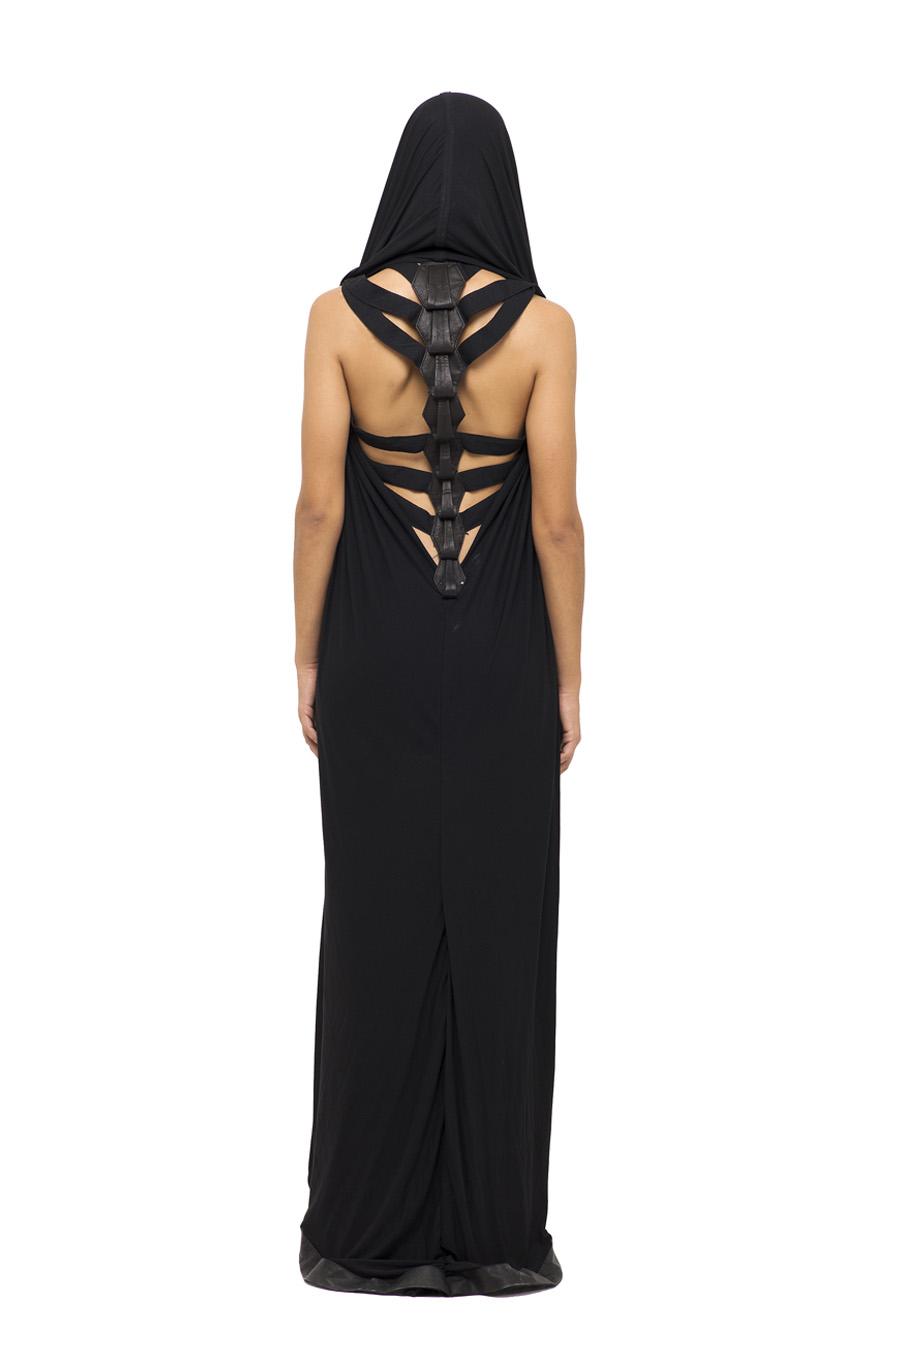 _Morphic dress spine back.jpg